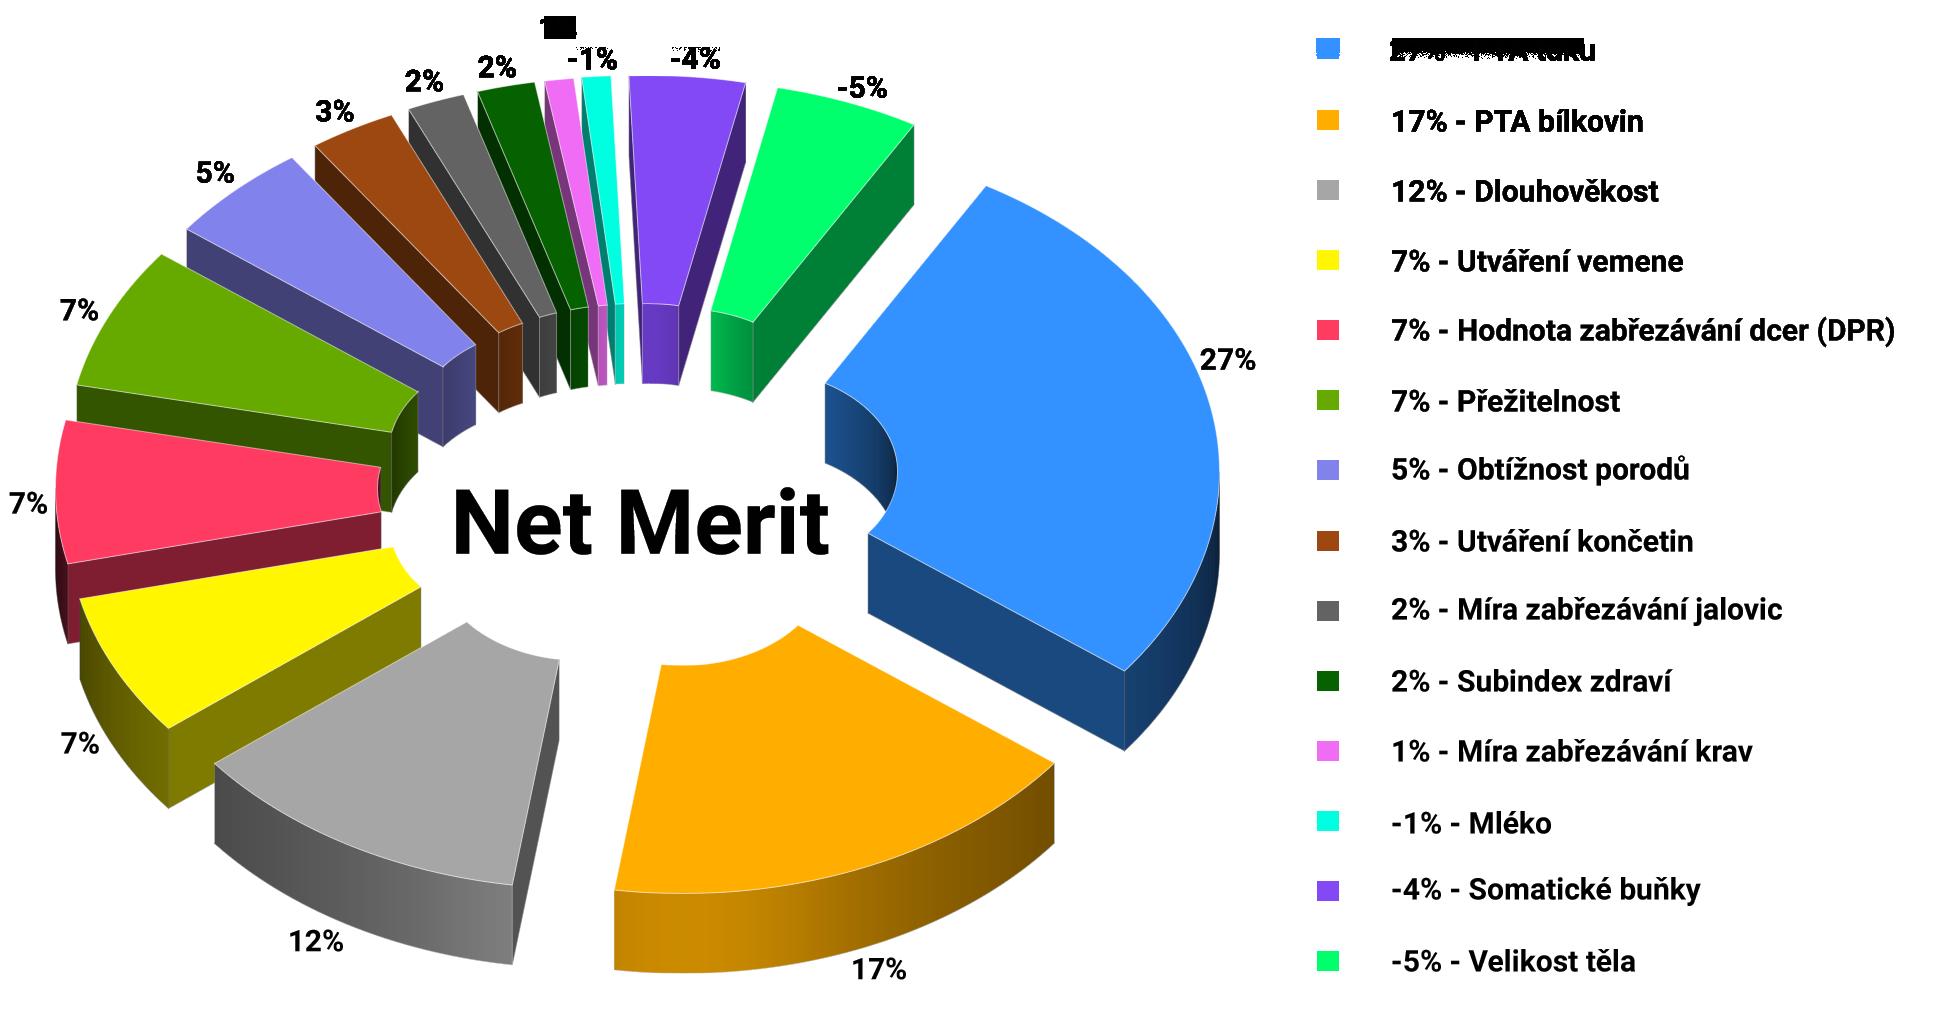 Graf Net Merit